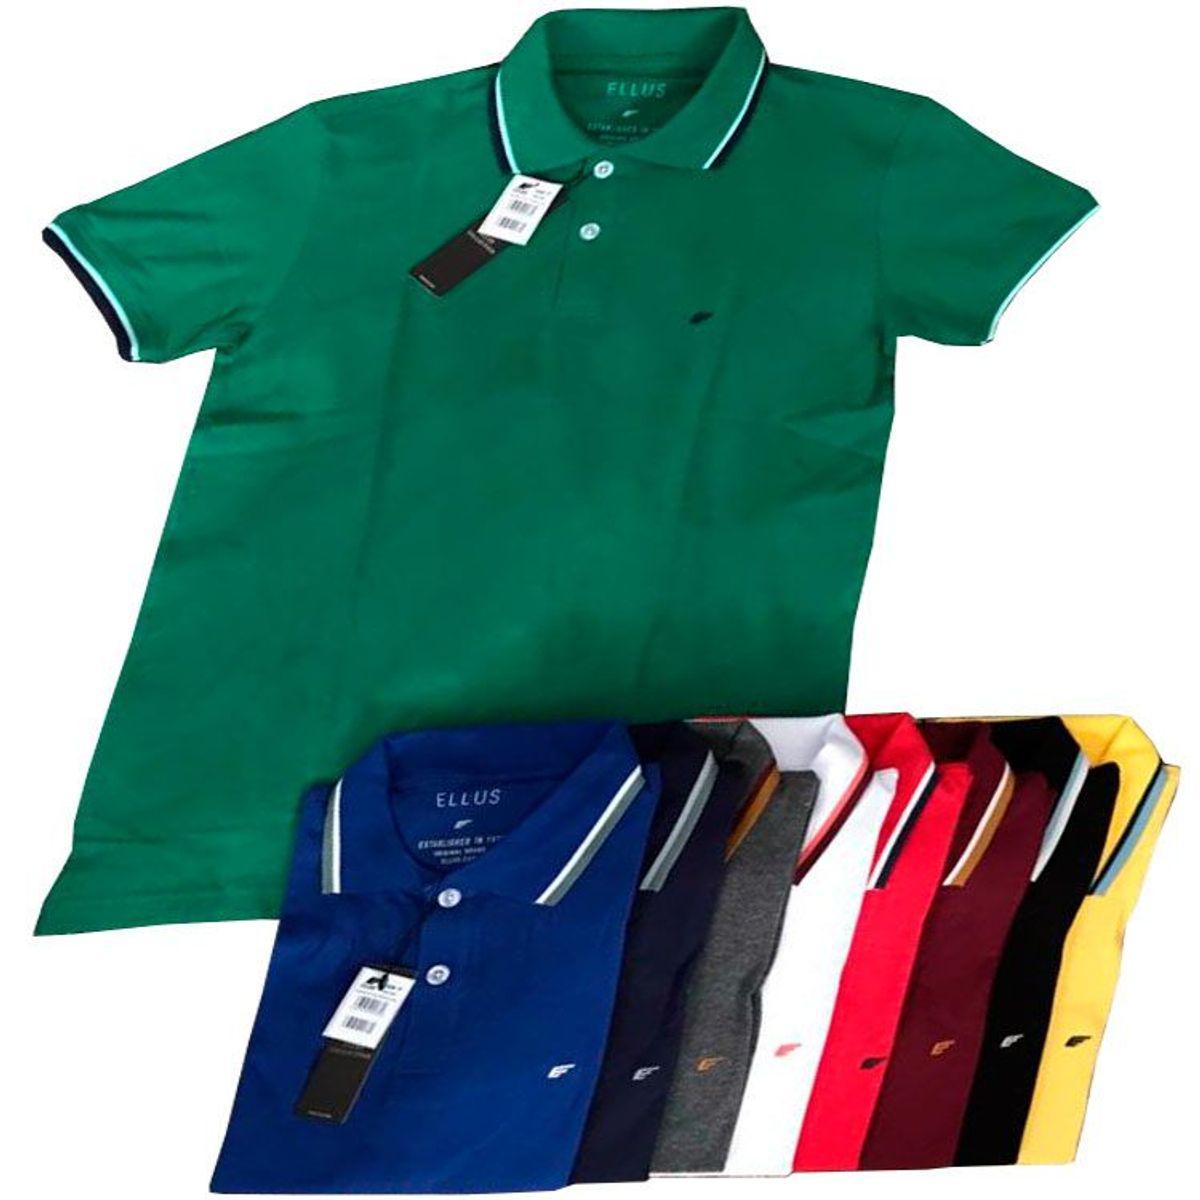 b205a8d341e5a Camisa Polo Ellus Masculino Cores Quentes Verão 2019 Tam.p